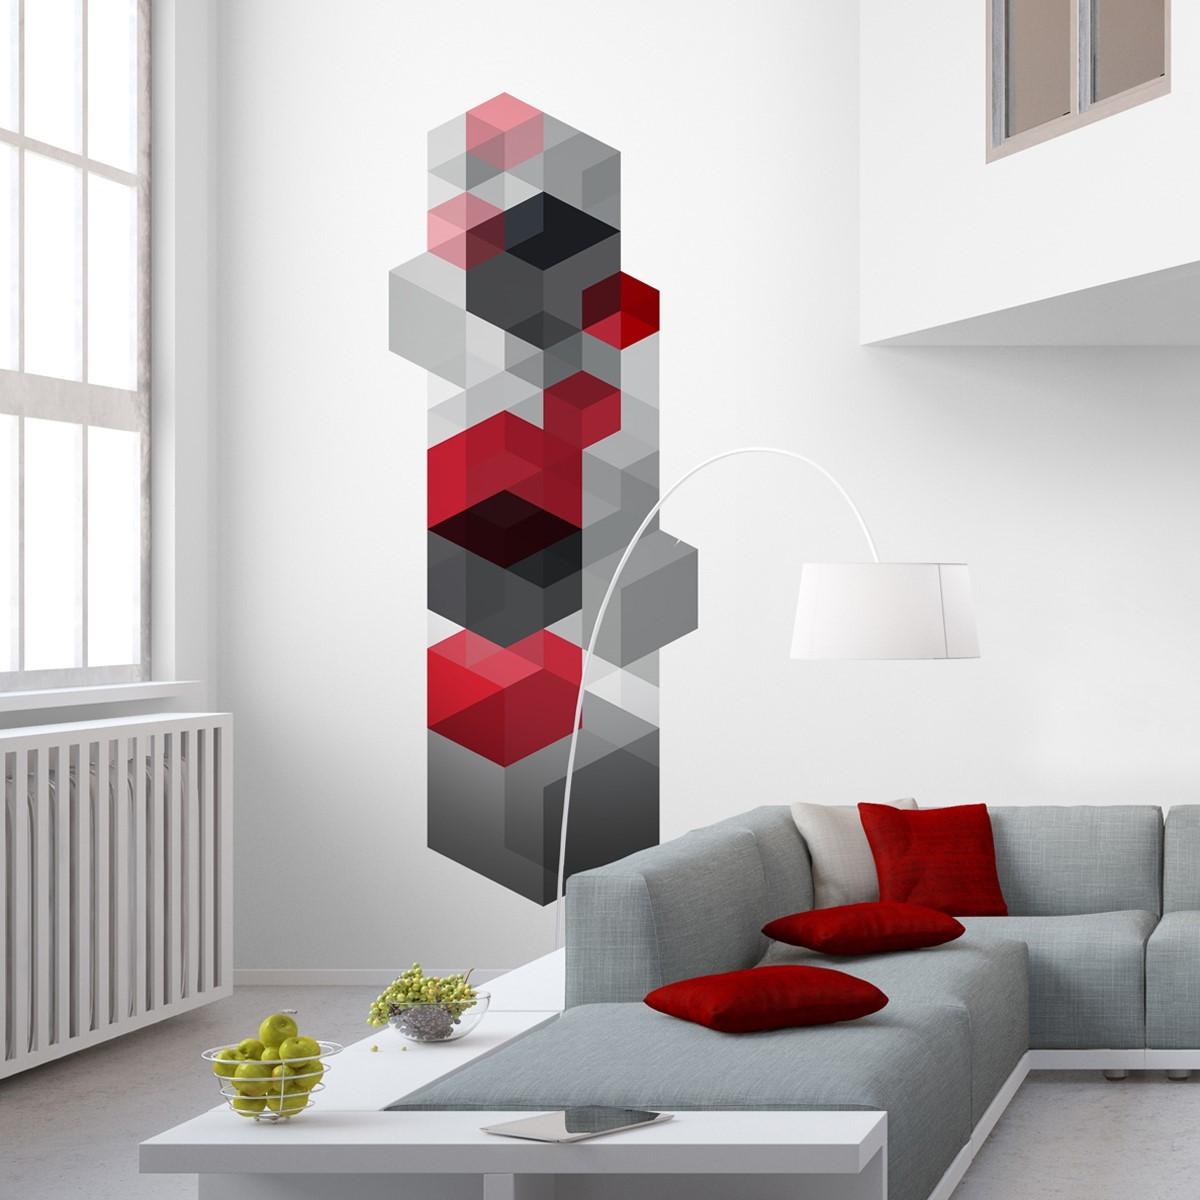 Quel tableau design illuminera votre intérieur?